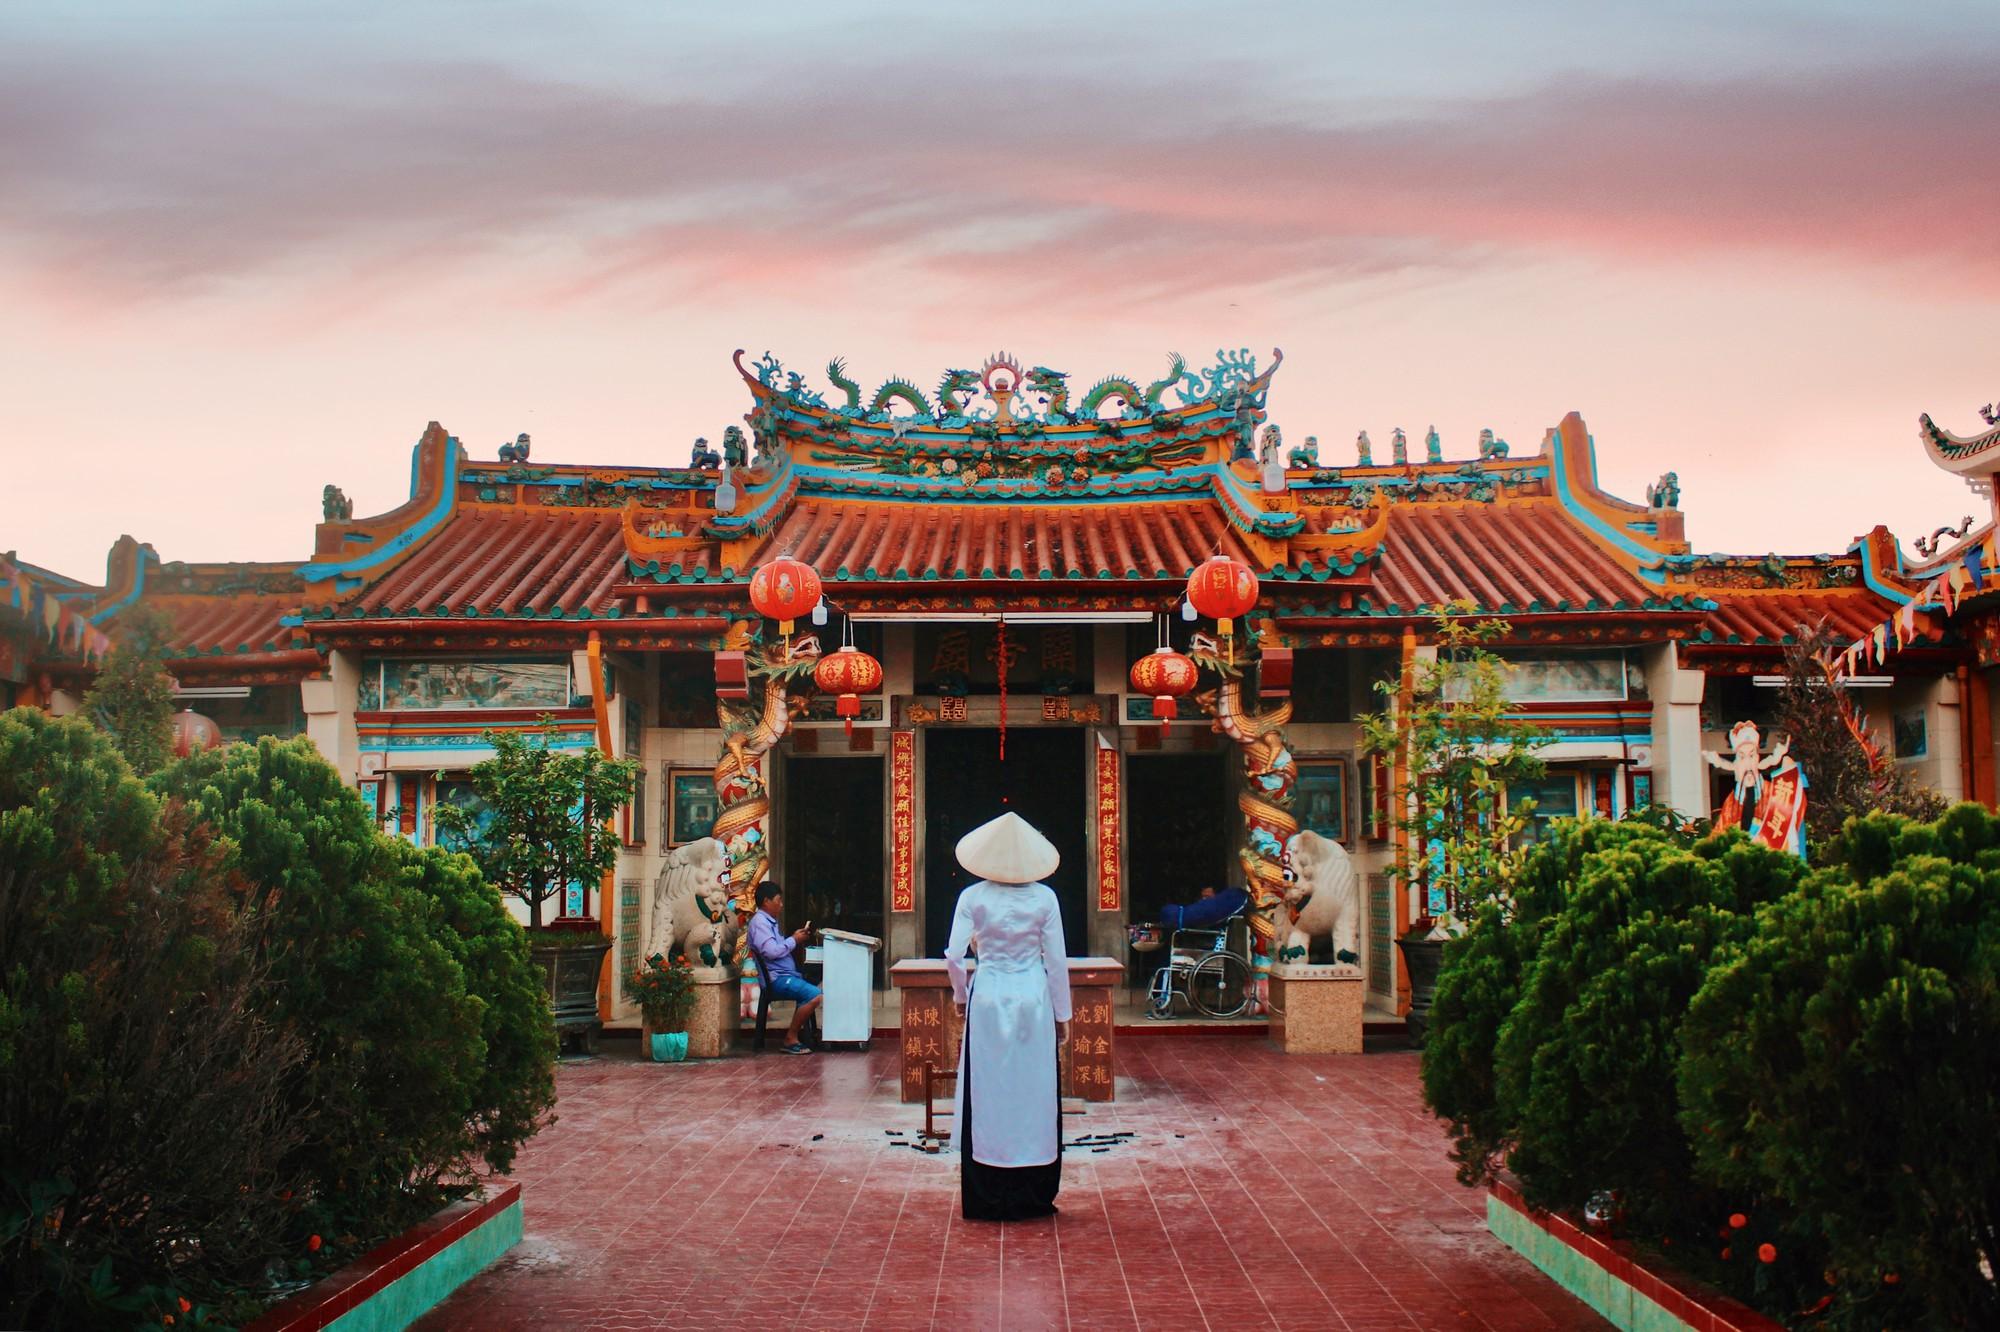 Góc hình siêu đẹp được chụp từ phía cổng hướng vào bên trong chùa.